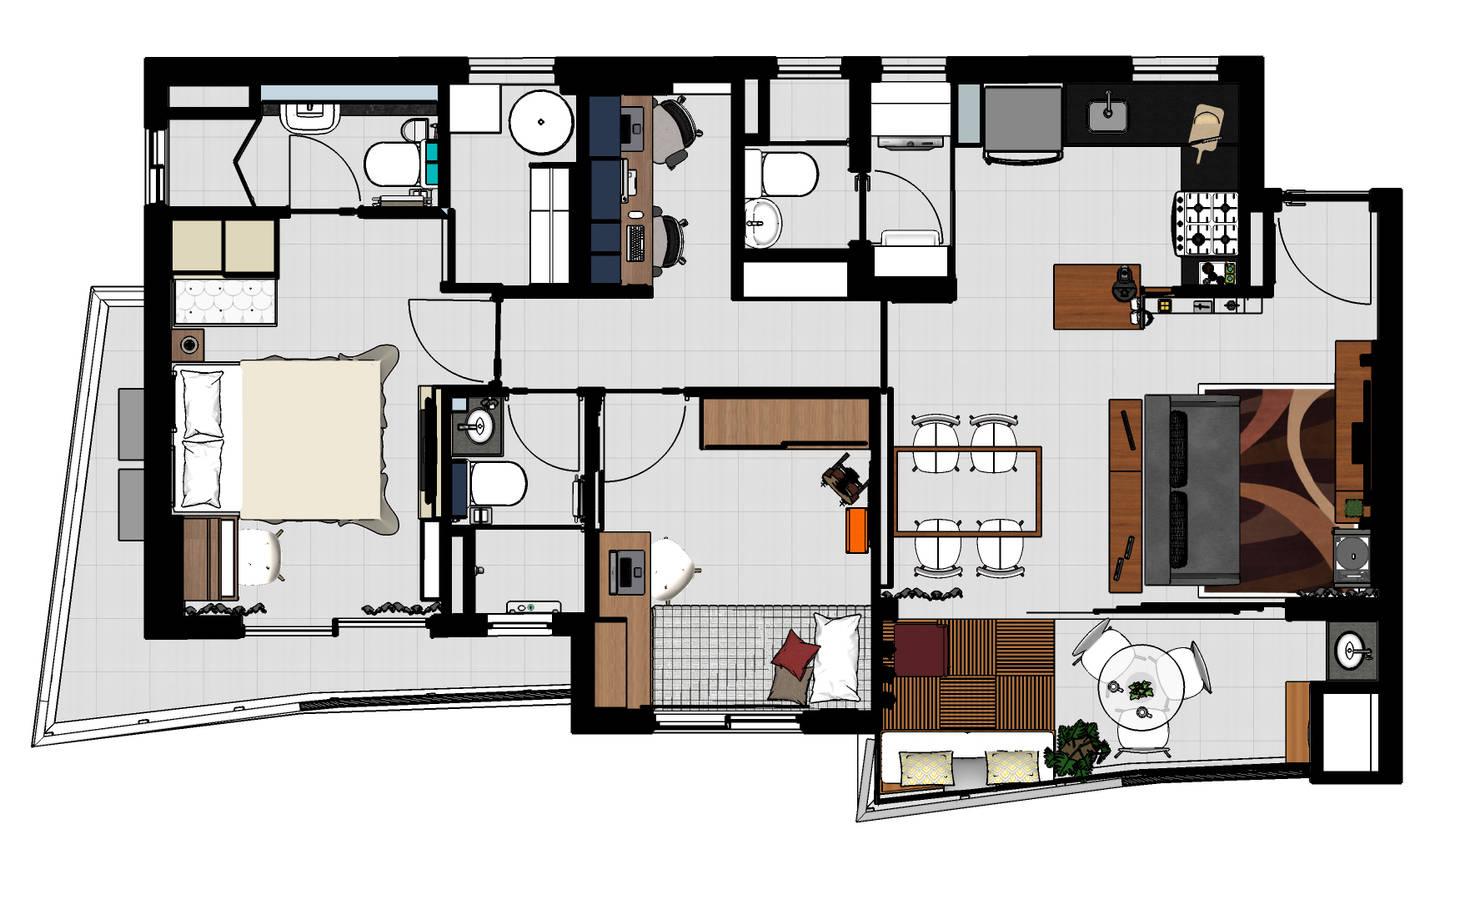 10 planos de casas para que te inspires a diseñar la tuya ya